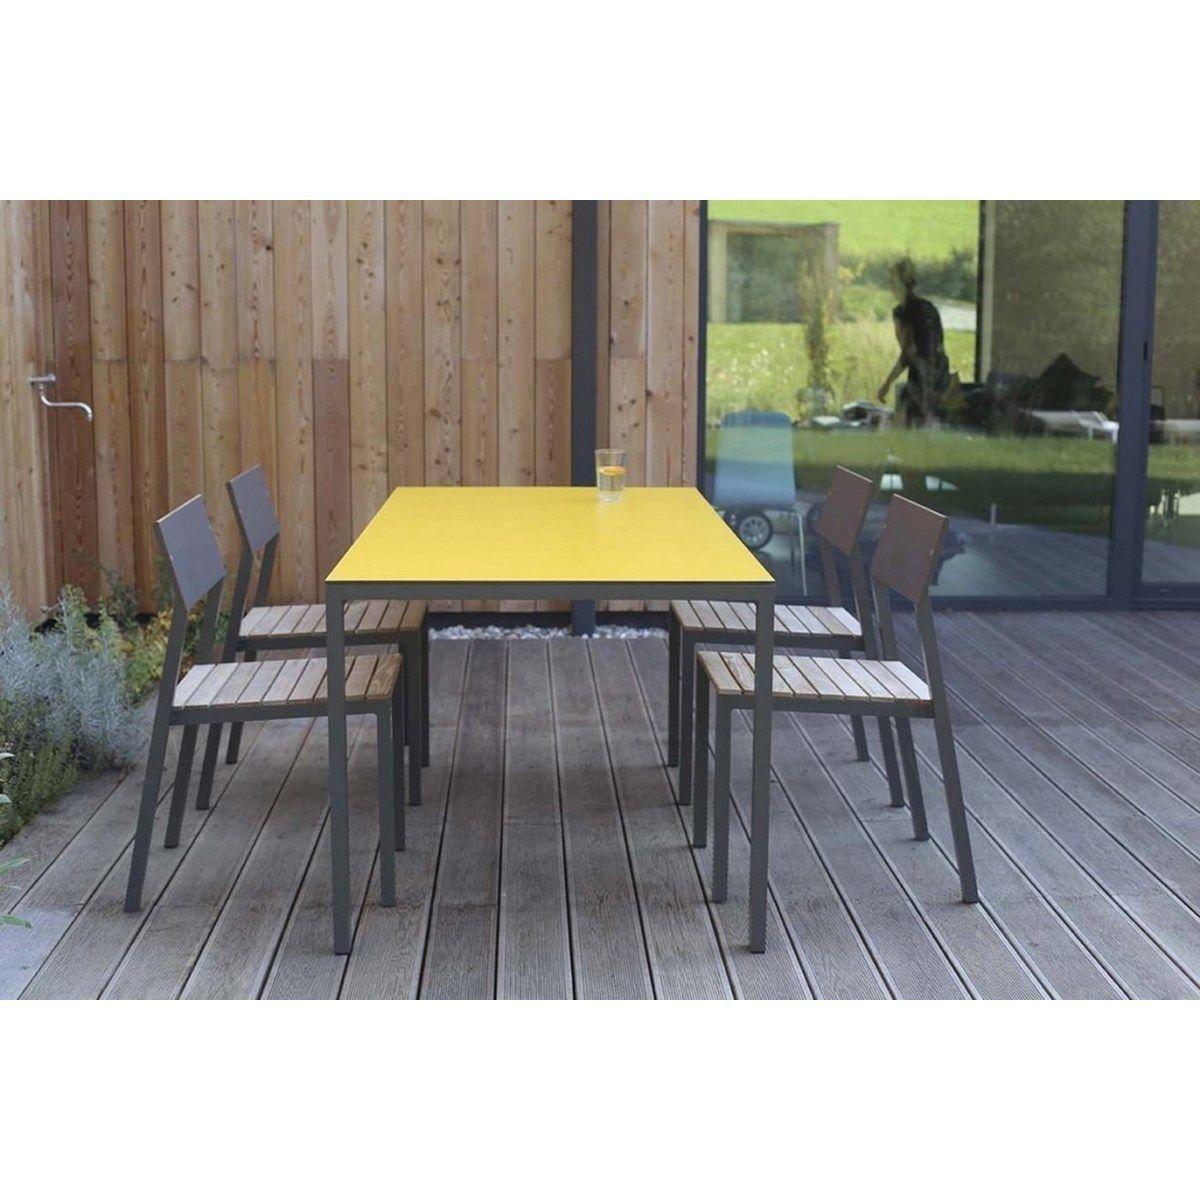 Salon De Jardin Cora Table Rectangle Plateau Hpl Jaune Et 4 ... avec Cora Table De Jardin